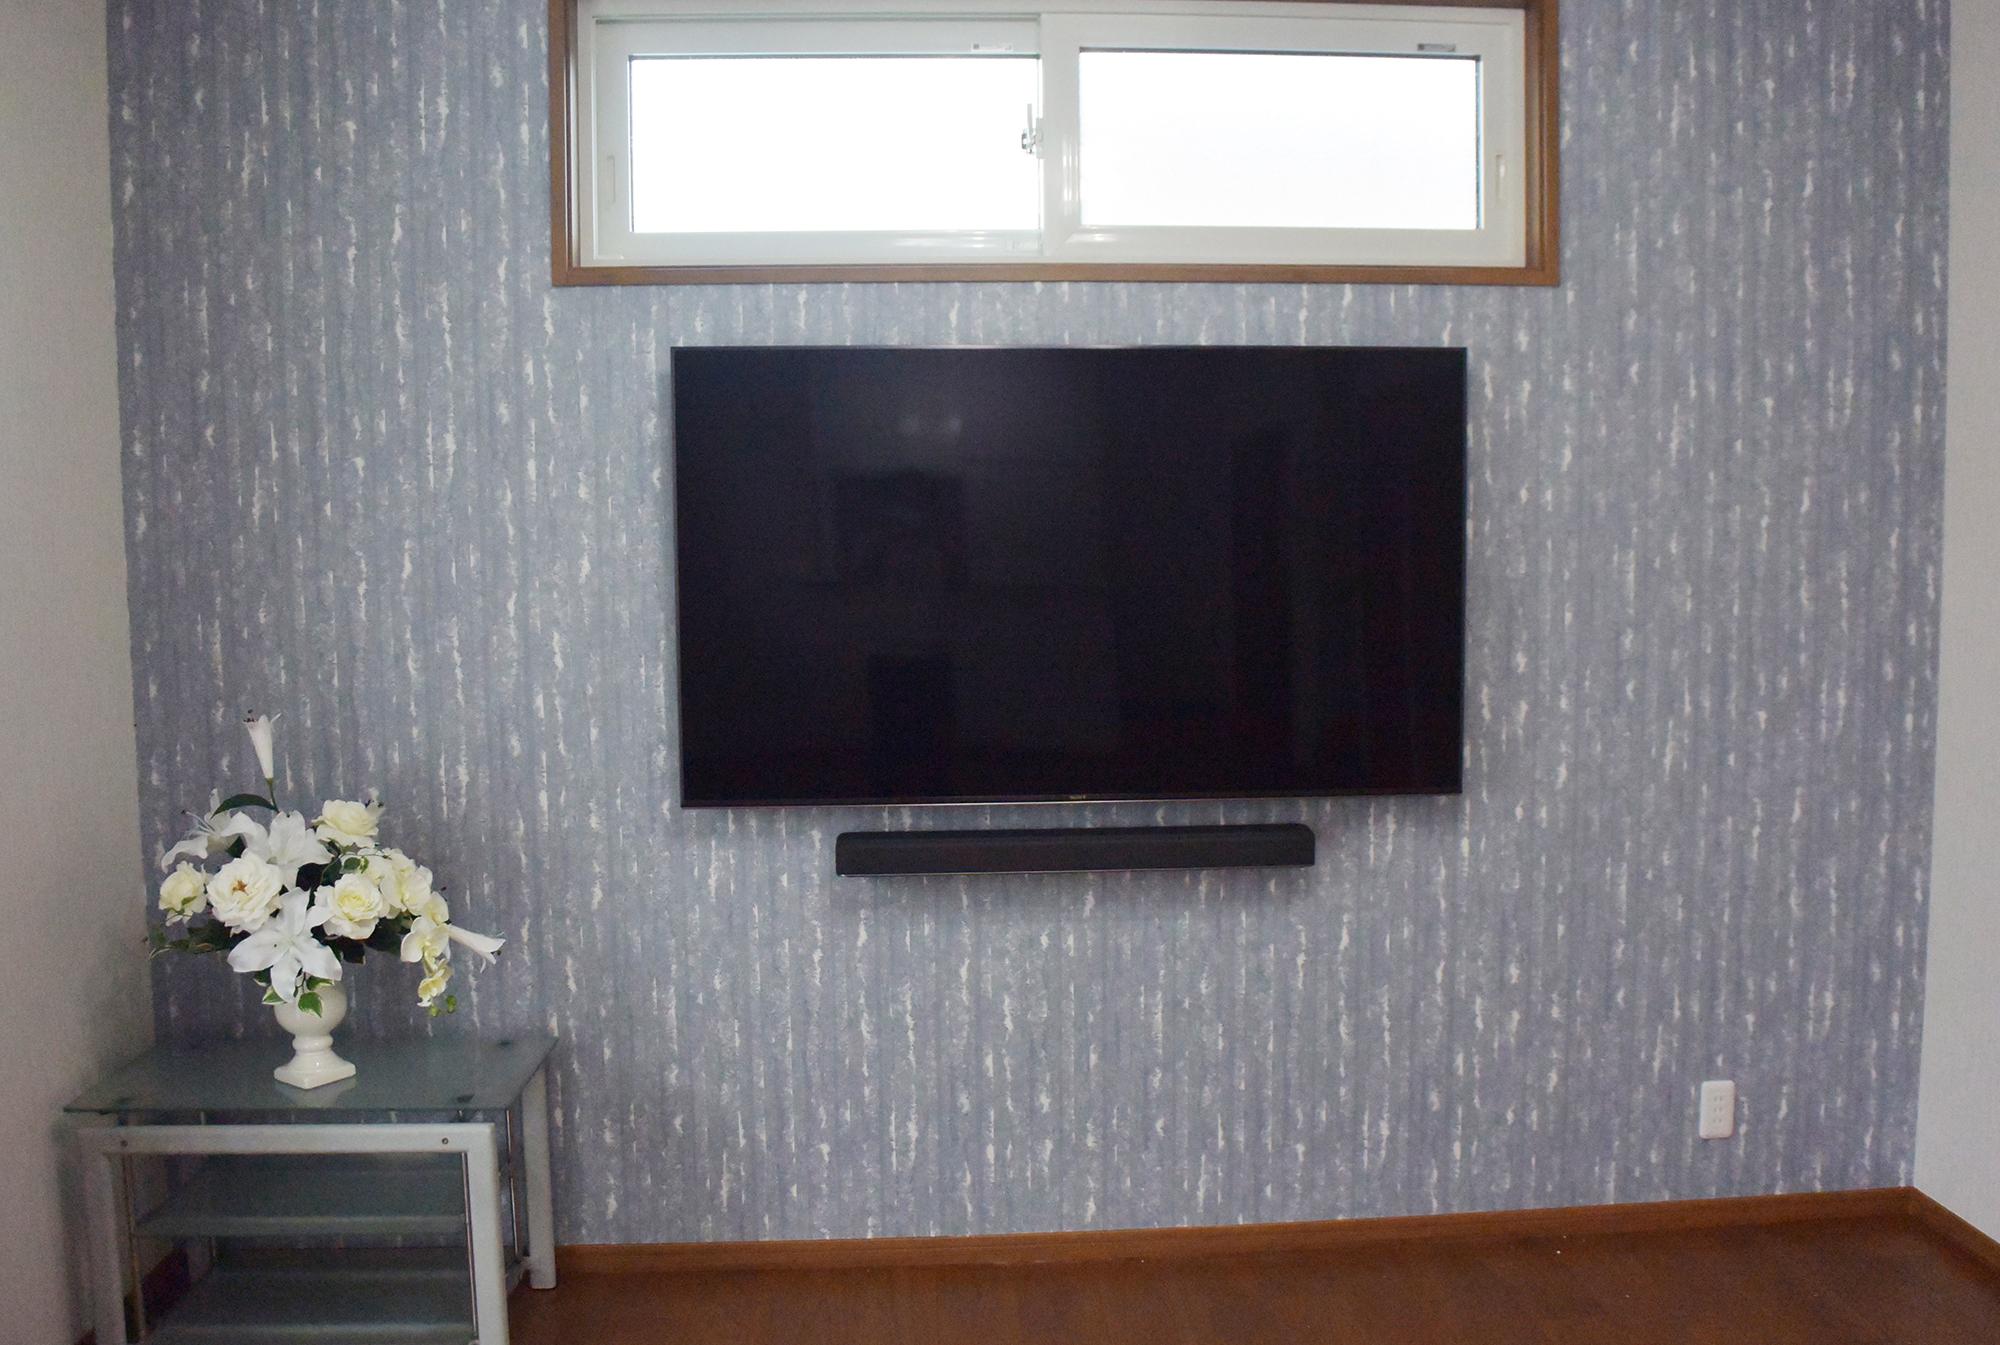 壁掛けタイプのTVなので、TV周りはすっきりとしています。